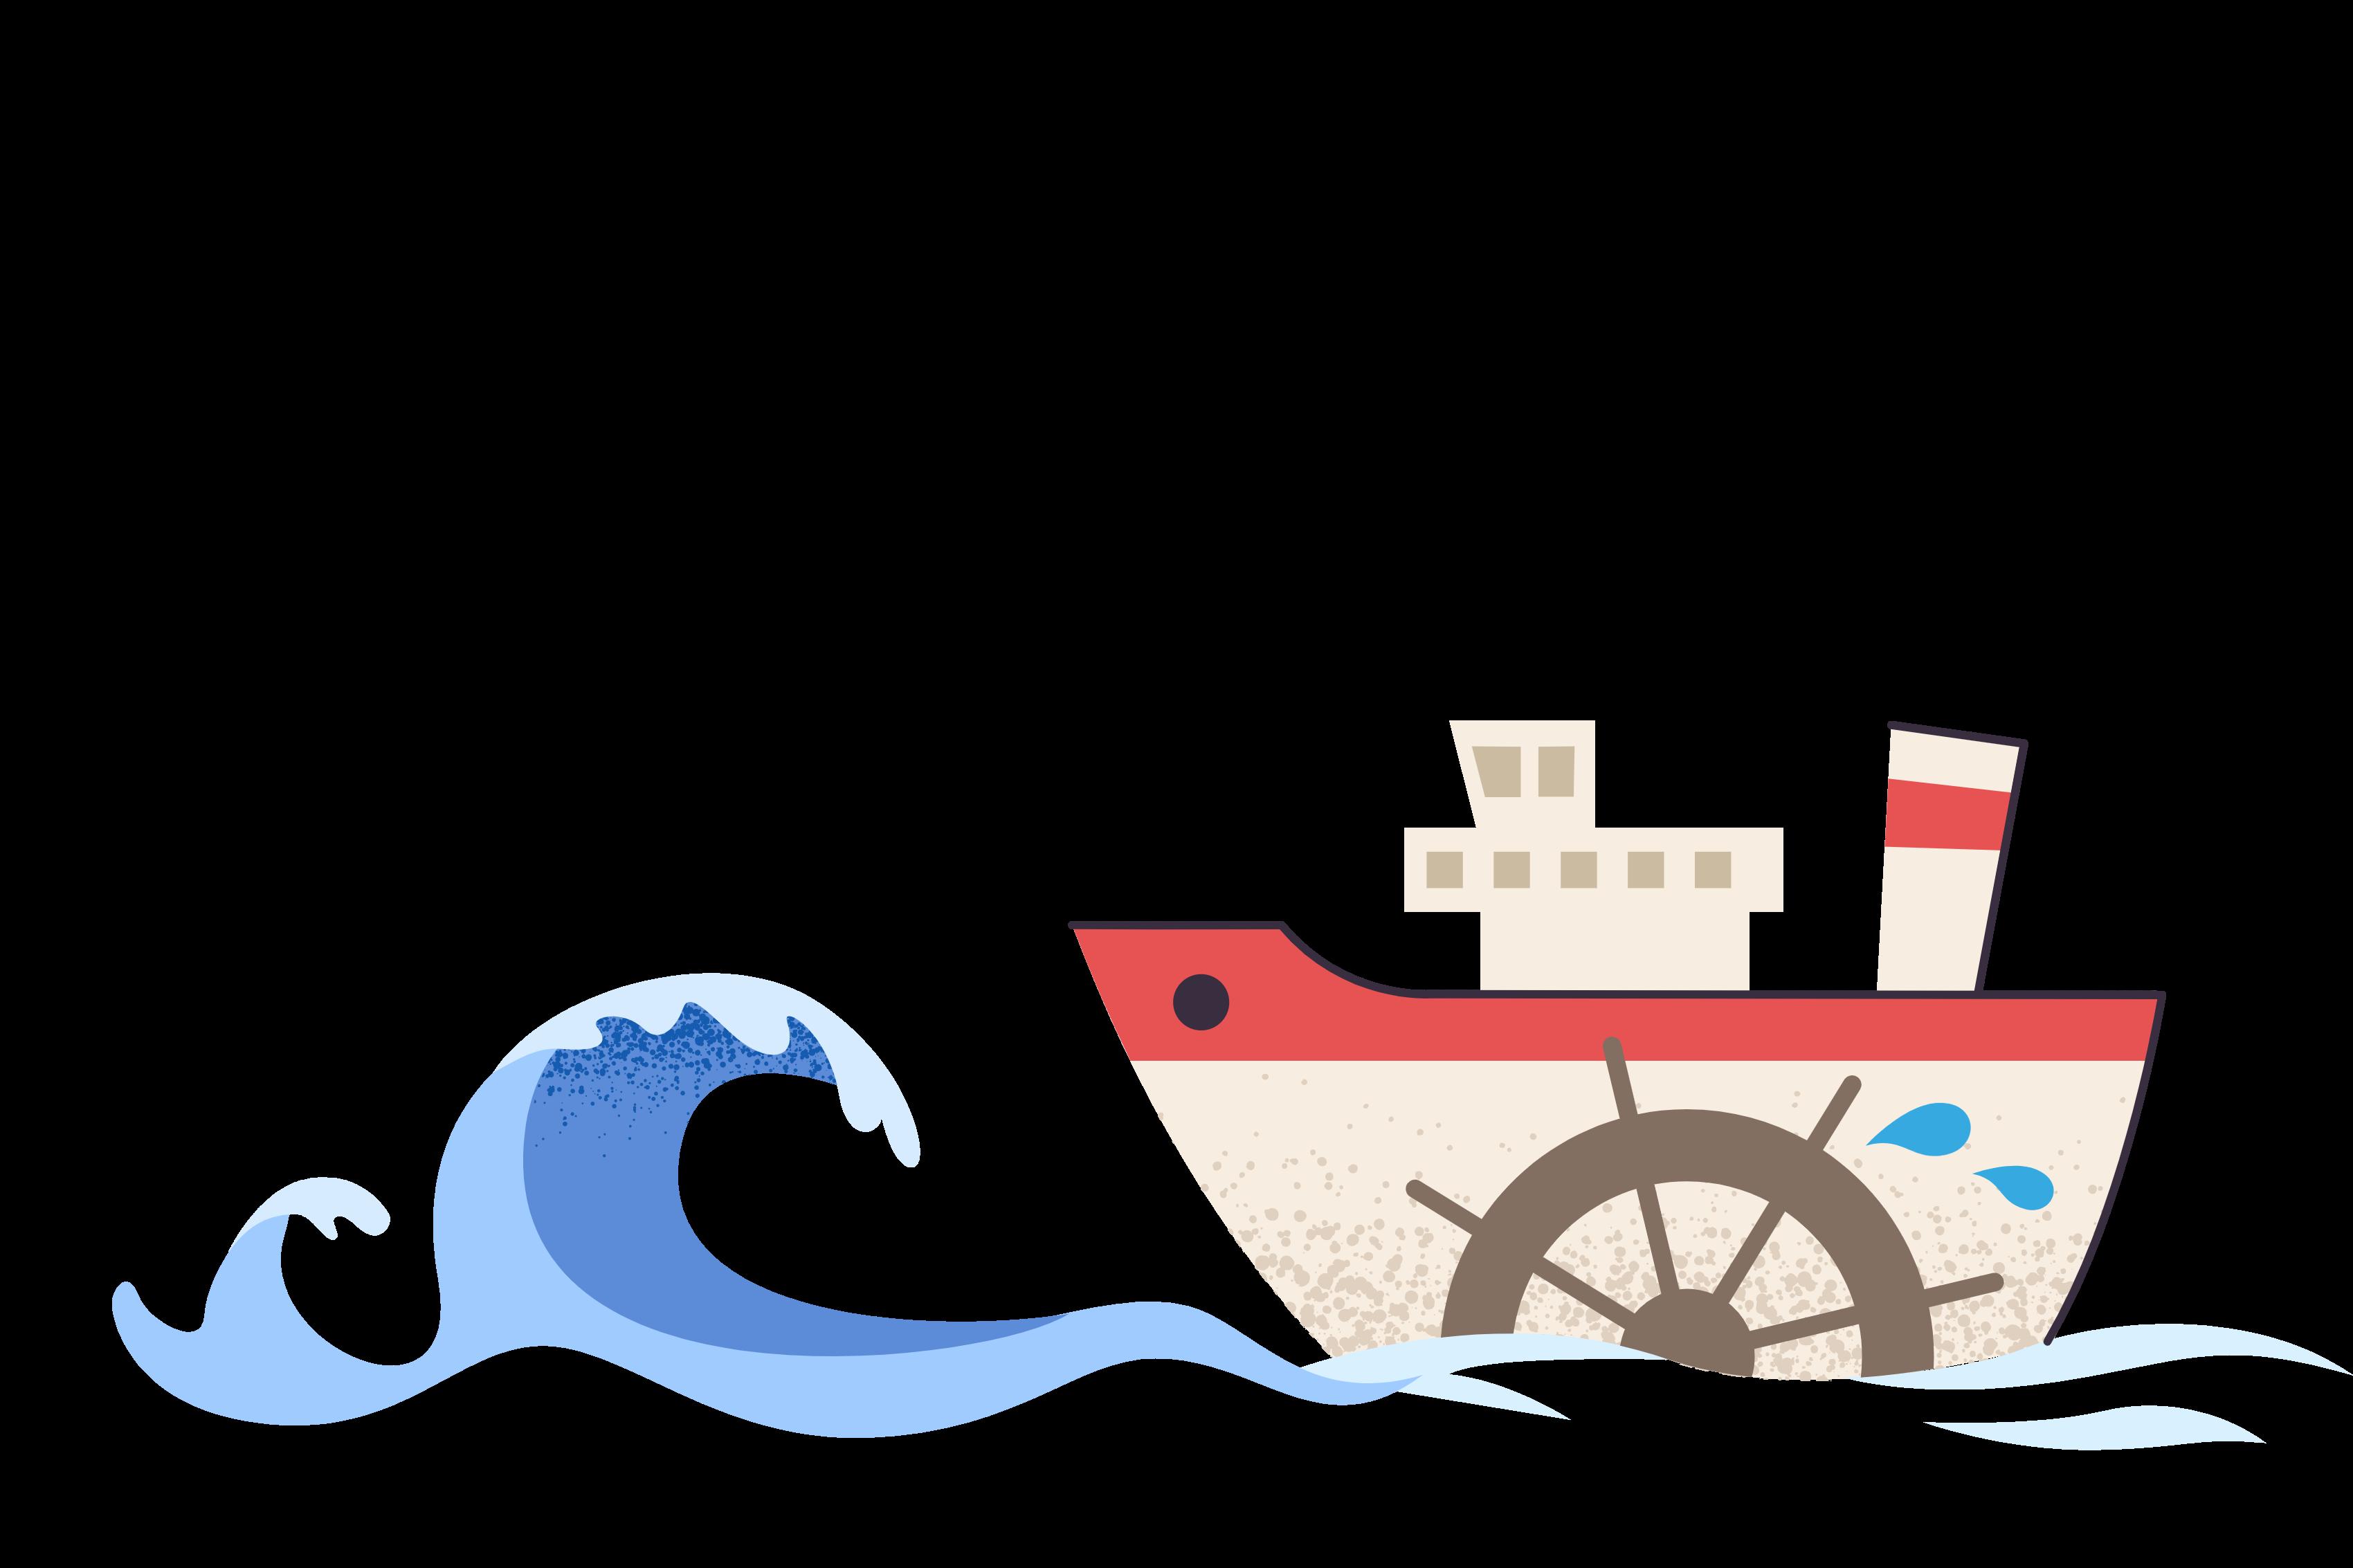 Текстовые задачи на движение по воде. 1 подготовка к ОГЭ, ЕГЭ и олимпиадам по математике